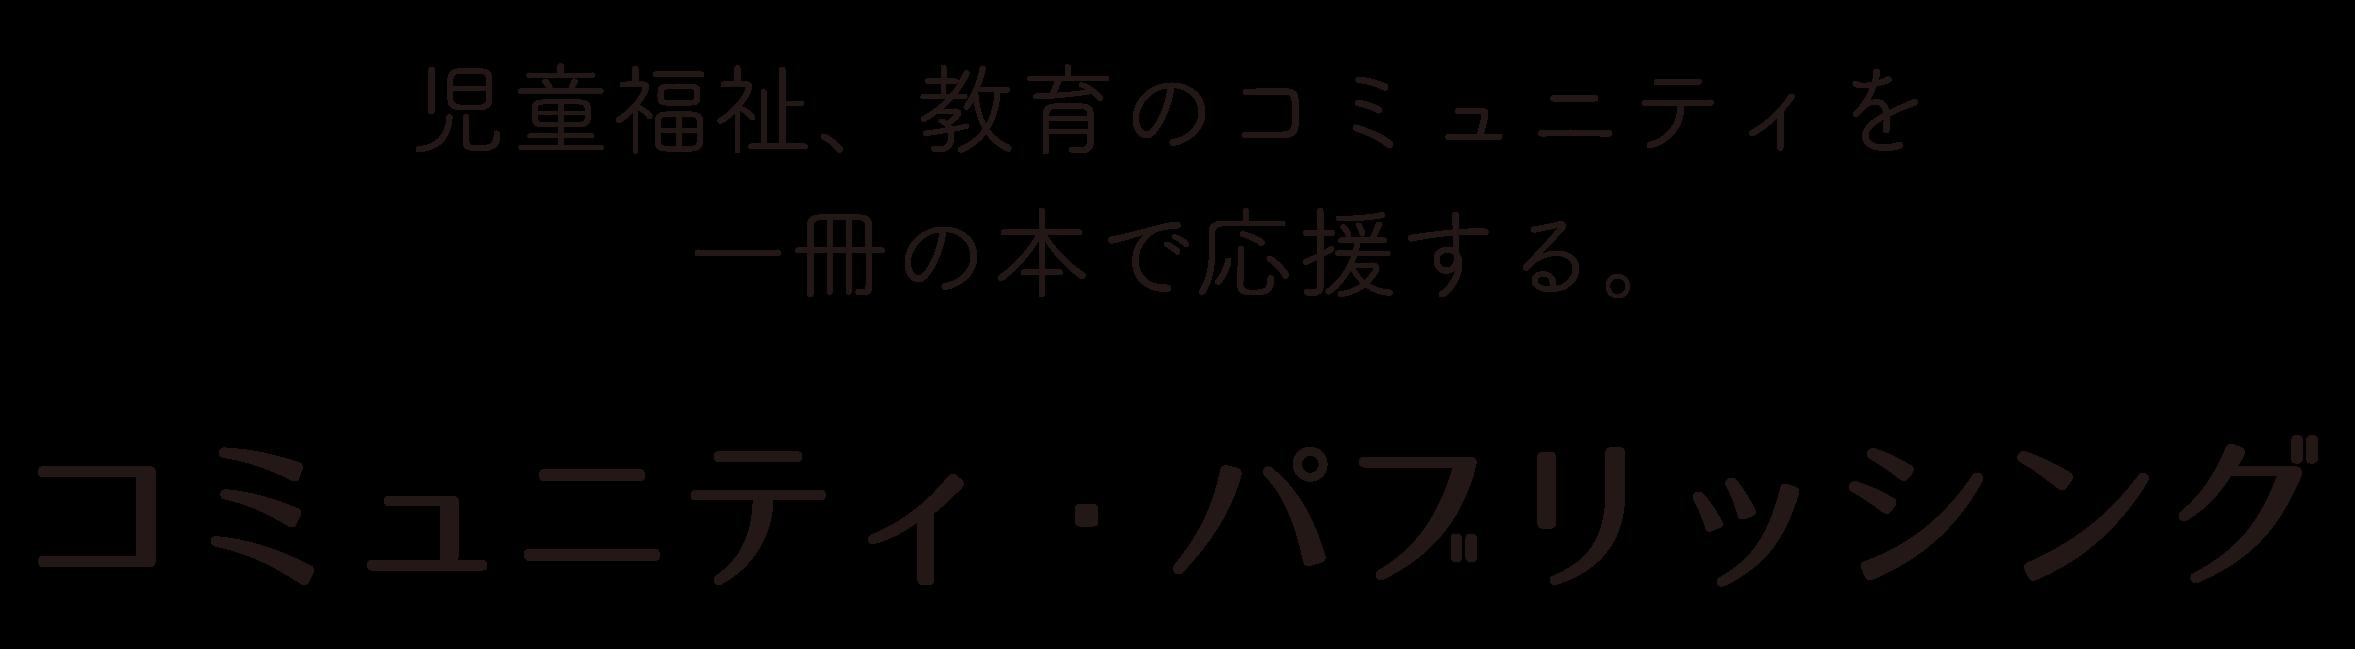 コミュニティ・パブリッシング